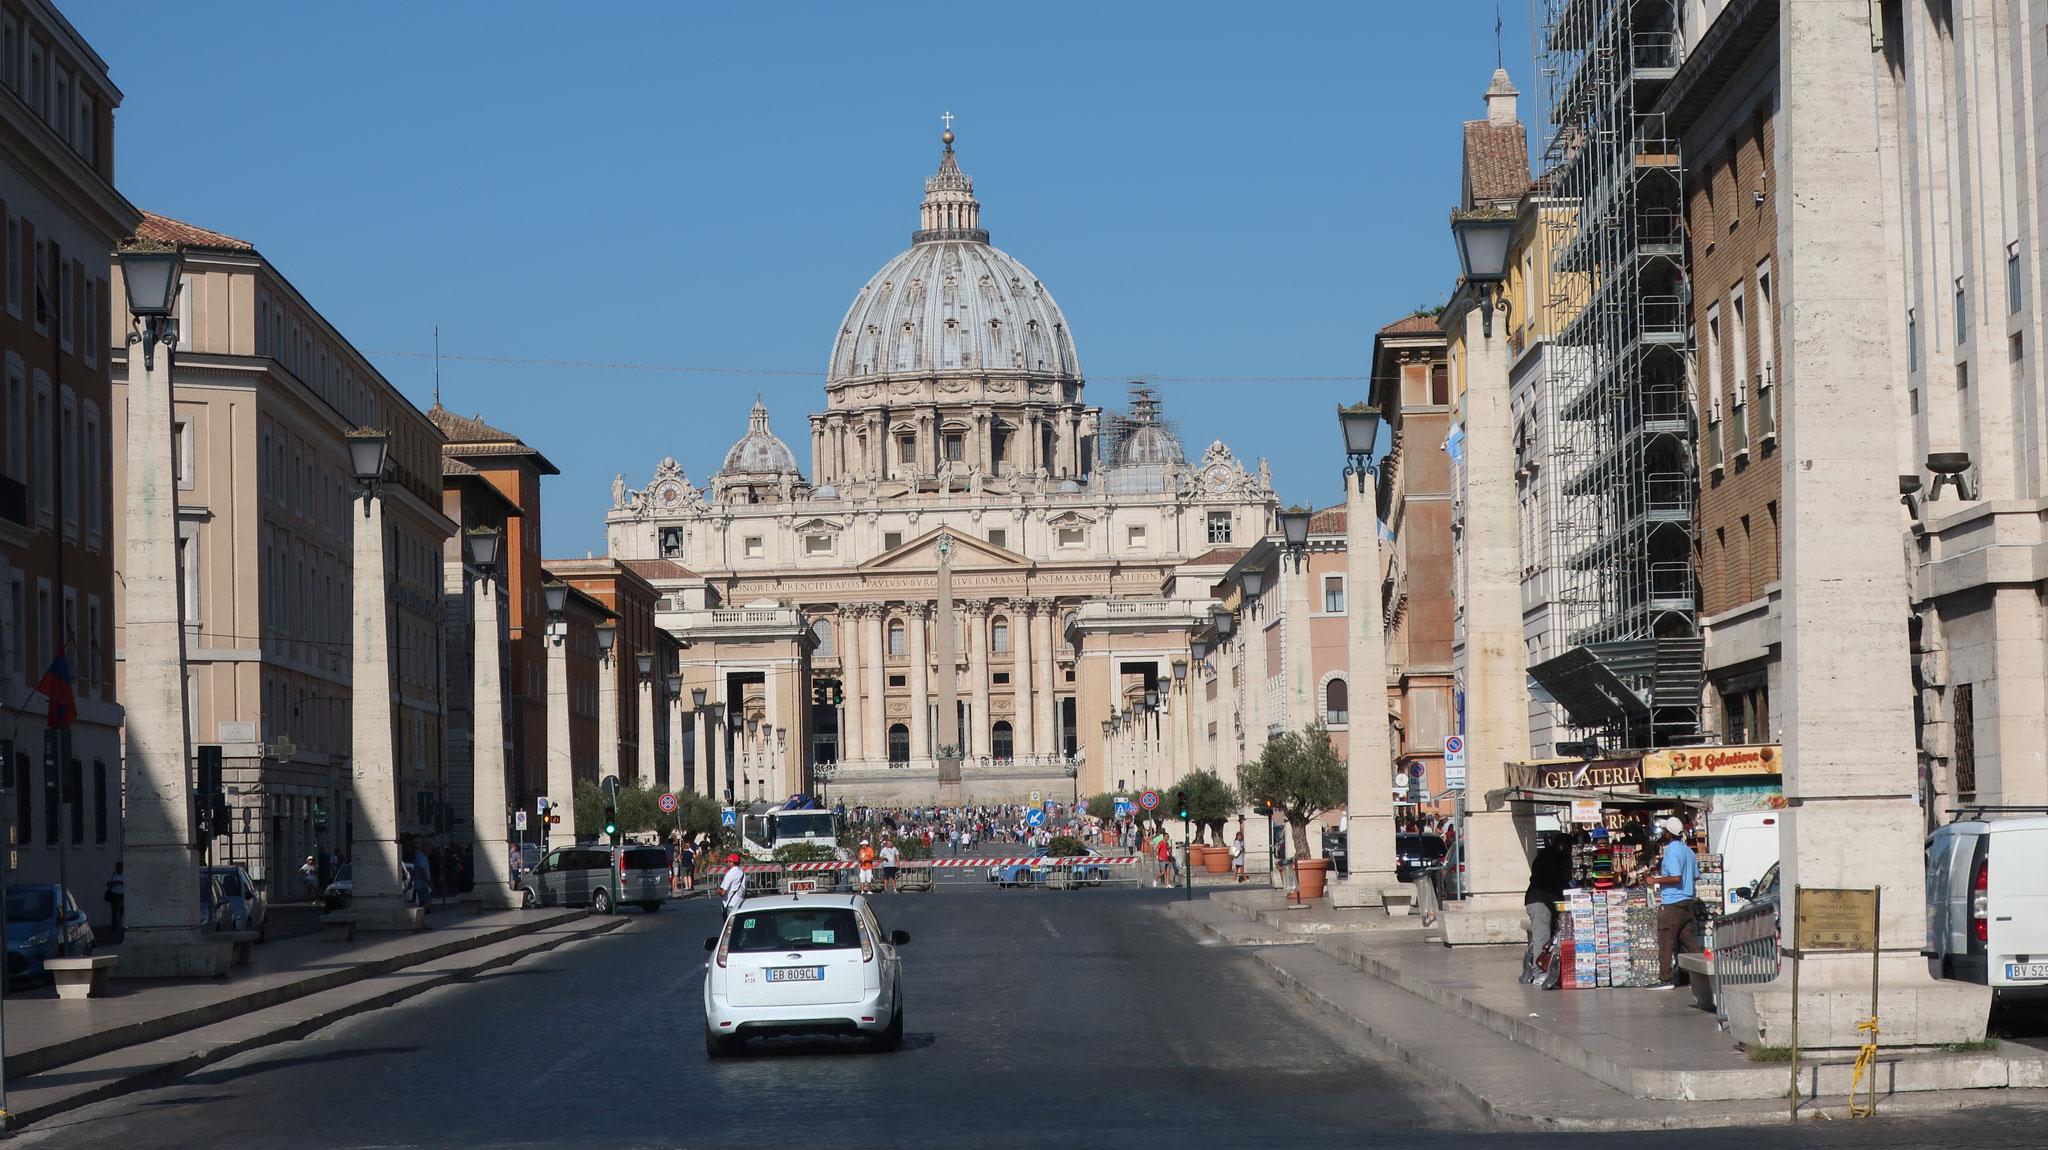 サン・ピエトロ大聖堂に向かうコンチリアツィオーネ(「和解」)通り。ヴァティカン市国誕生を記念してムッソリーニが造りました。